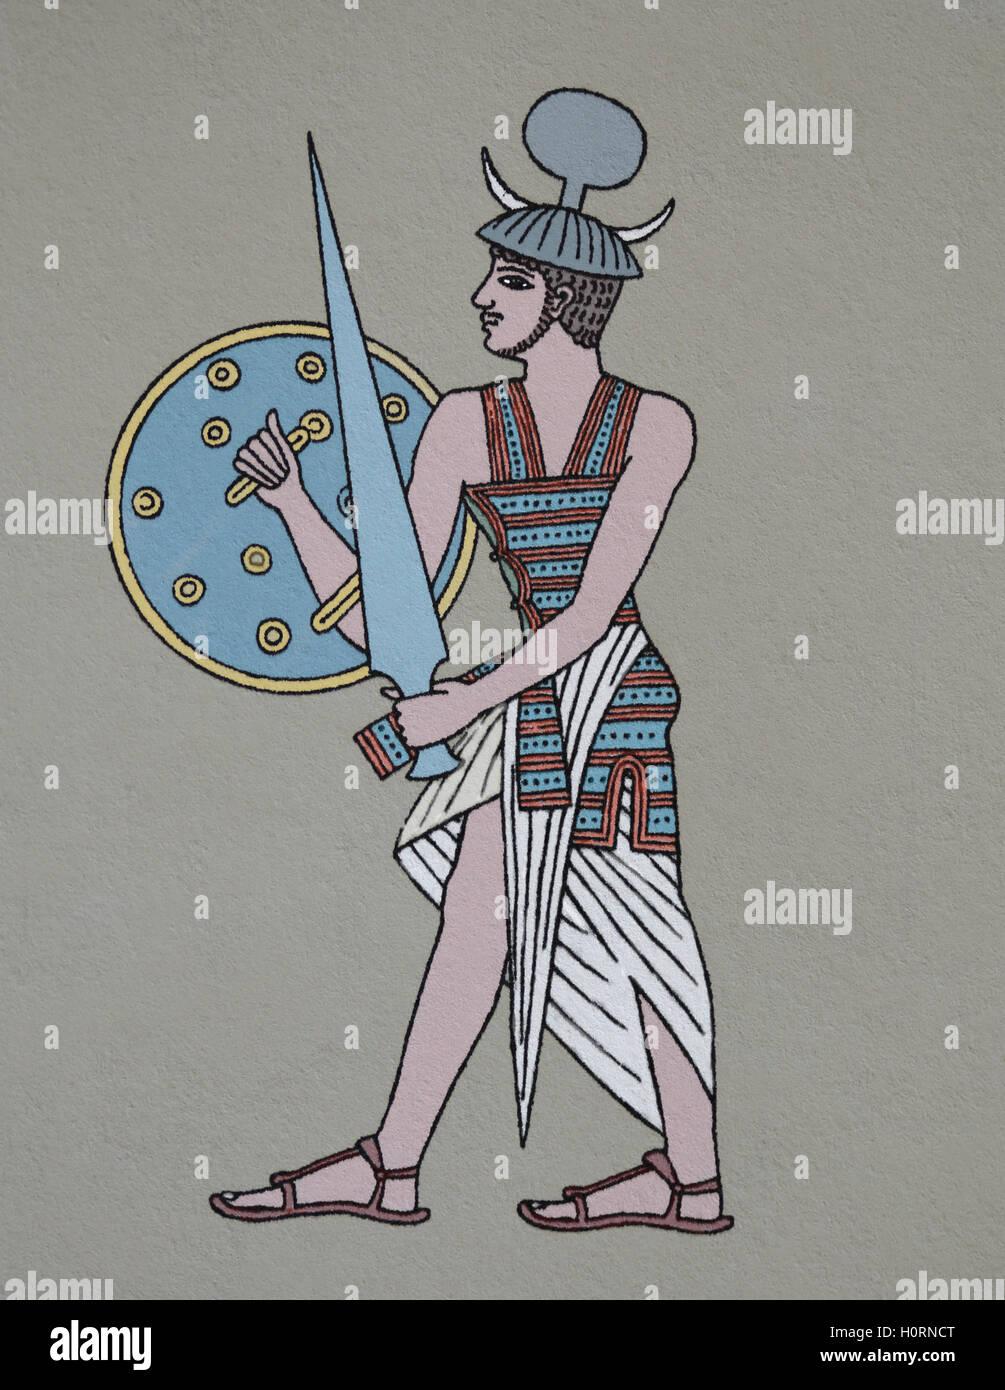 El antiguo Egipto. Militares. Soldado mercenario que eran empleadas por los egipcios. Llama Shairetana. Grabado. Imagen De Stock